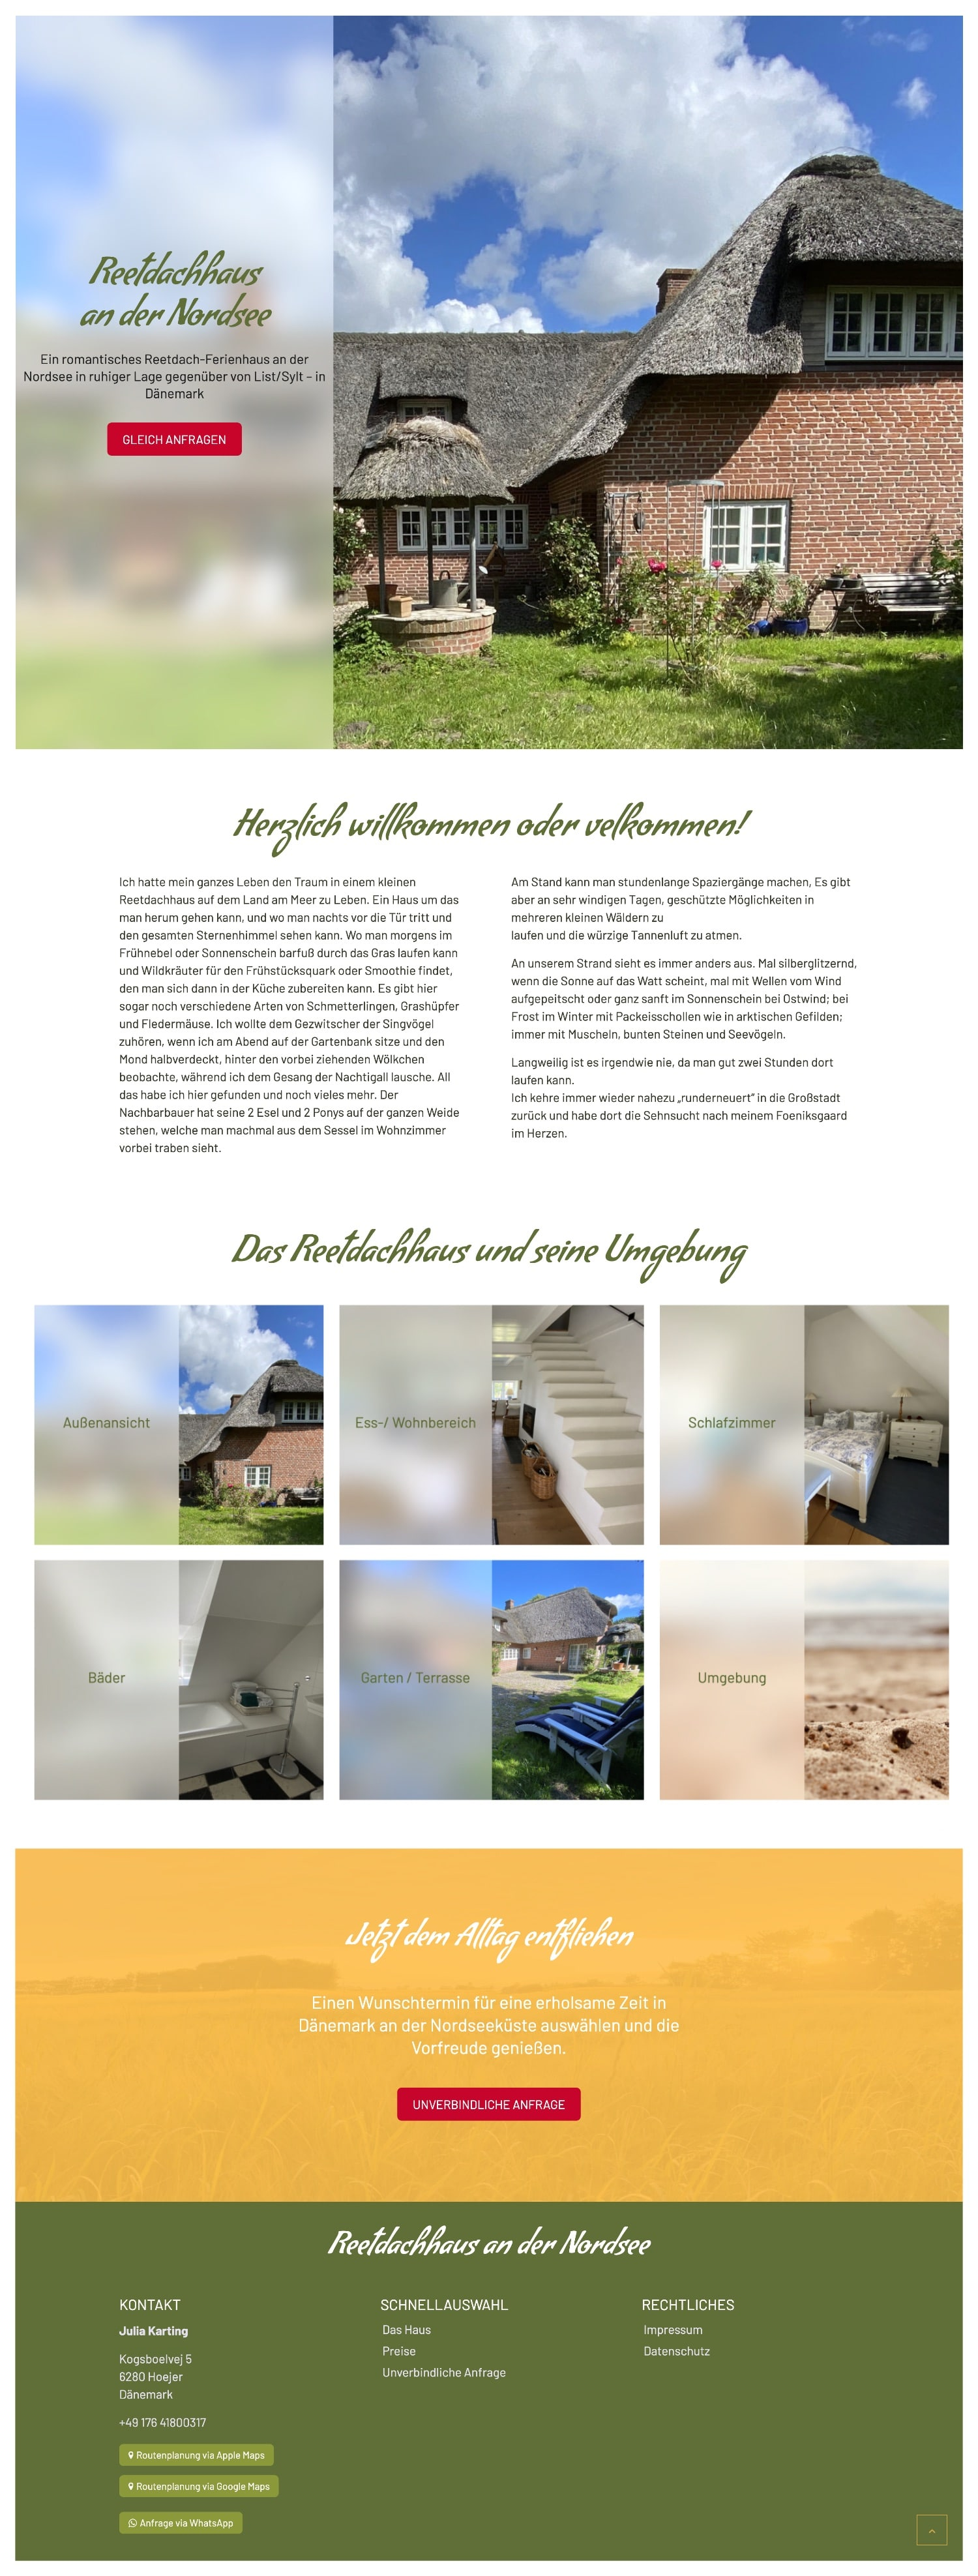 Nordsee Reetdachhaus Website